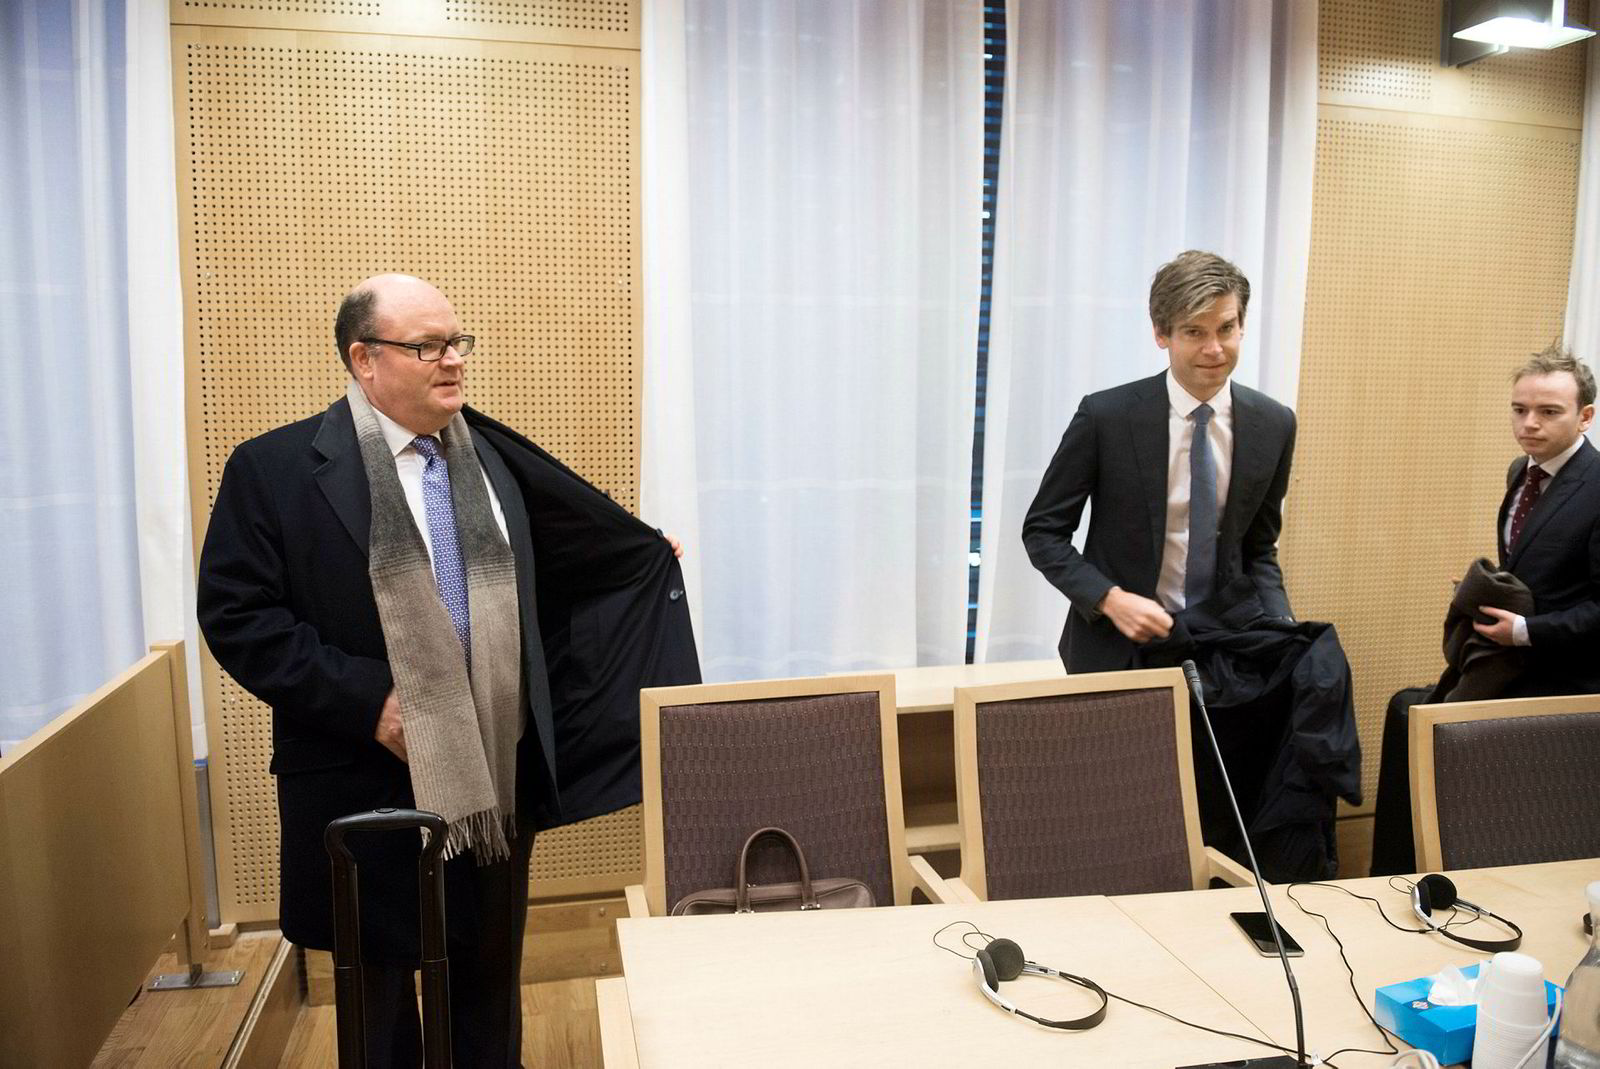 Fra venstre advokat Olav Perland, advokat Magnus Snellingen og advokatfullmektig Lars Sollesnes, alle Wiersholm.